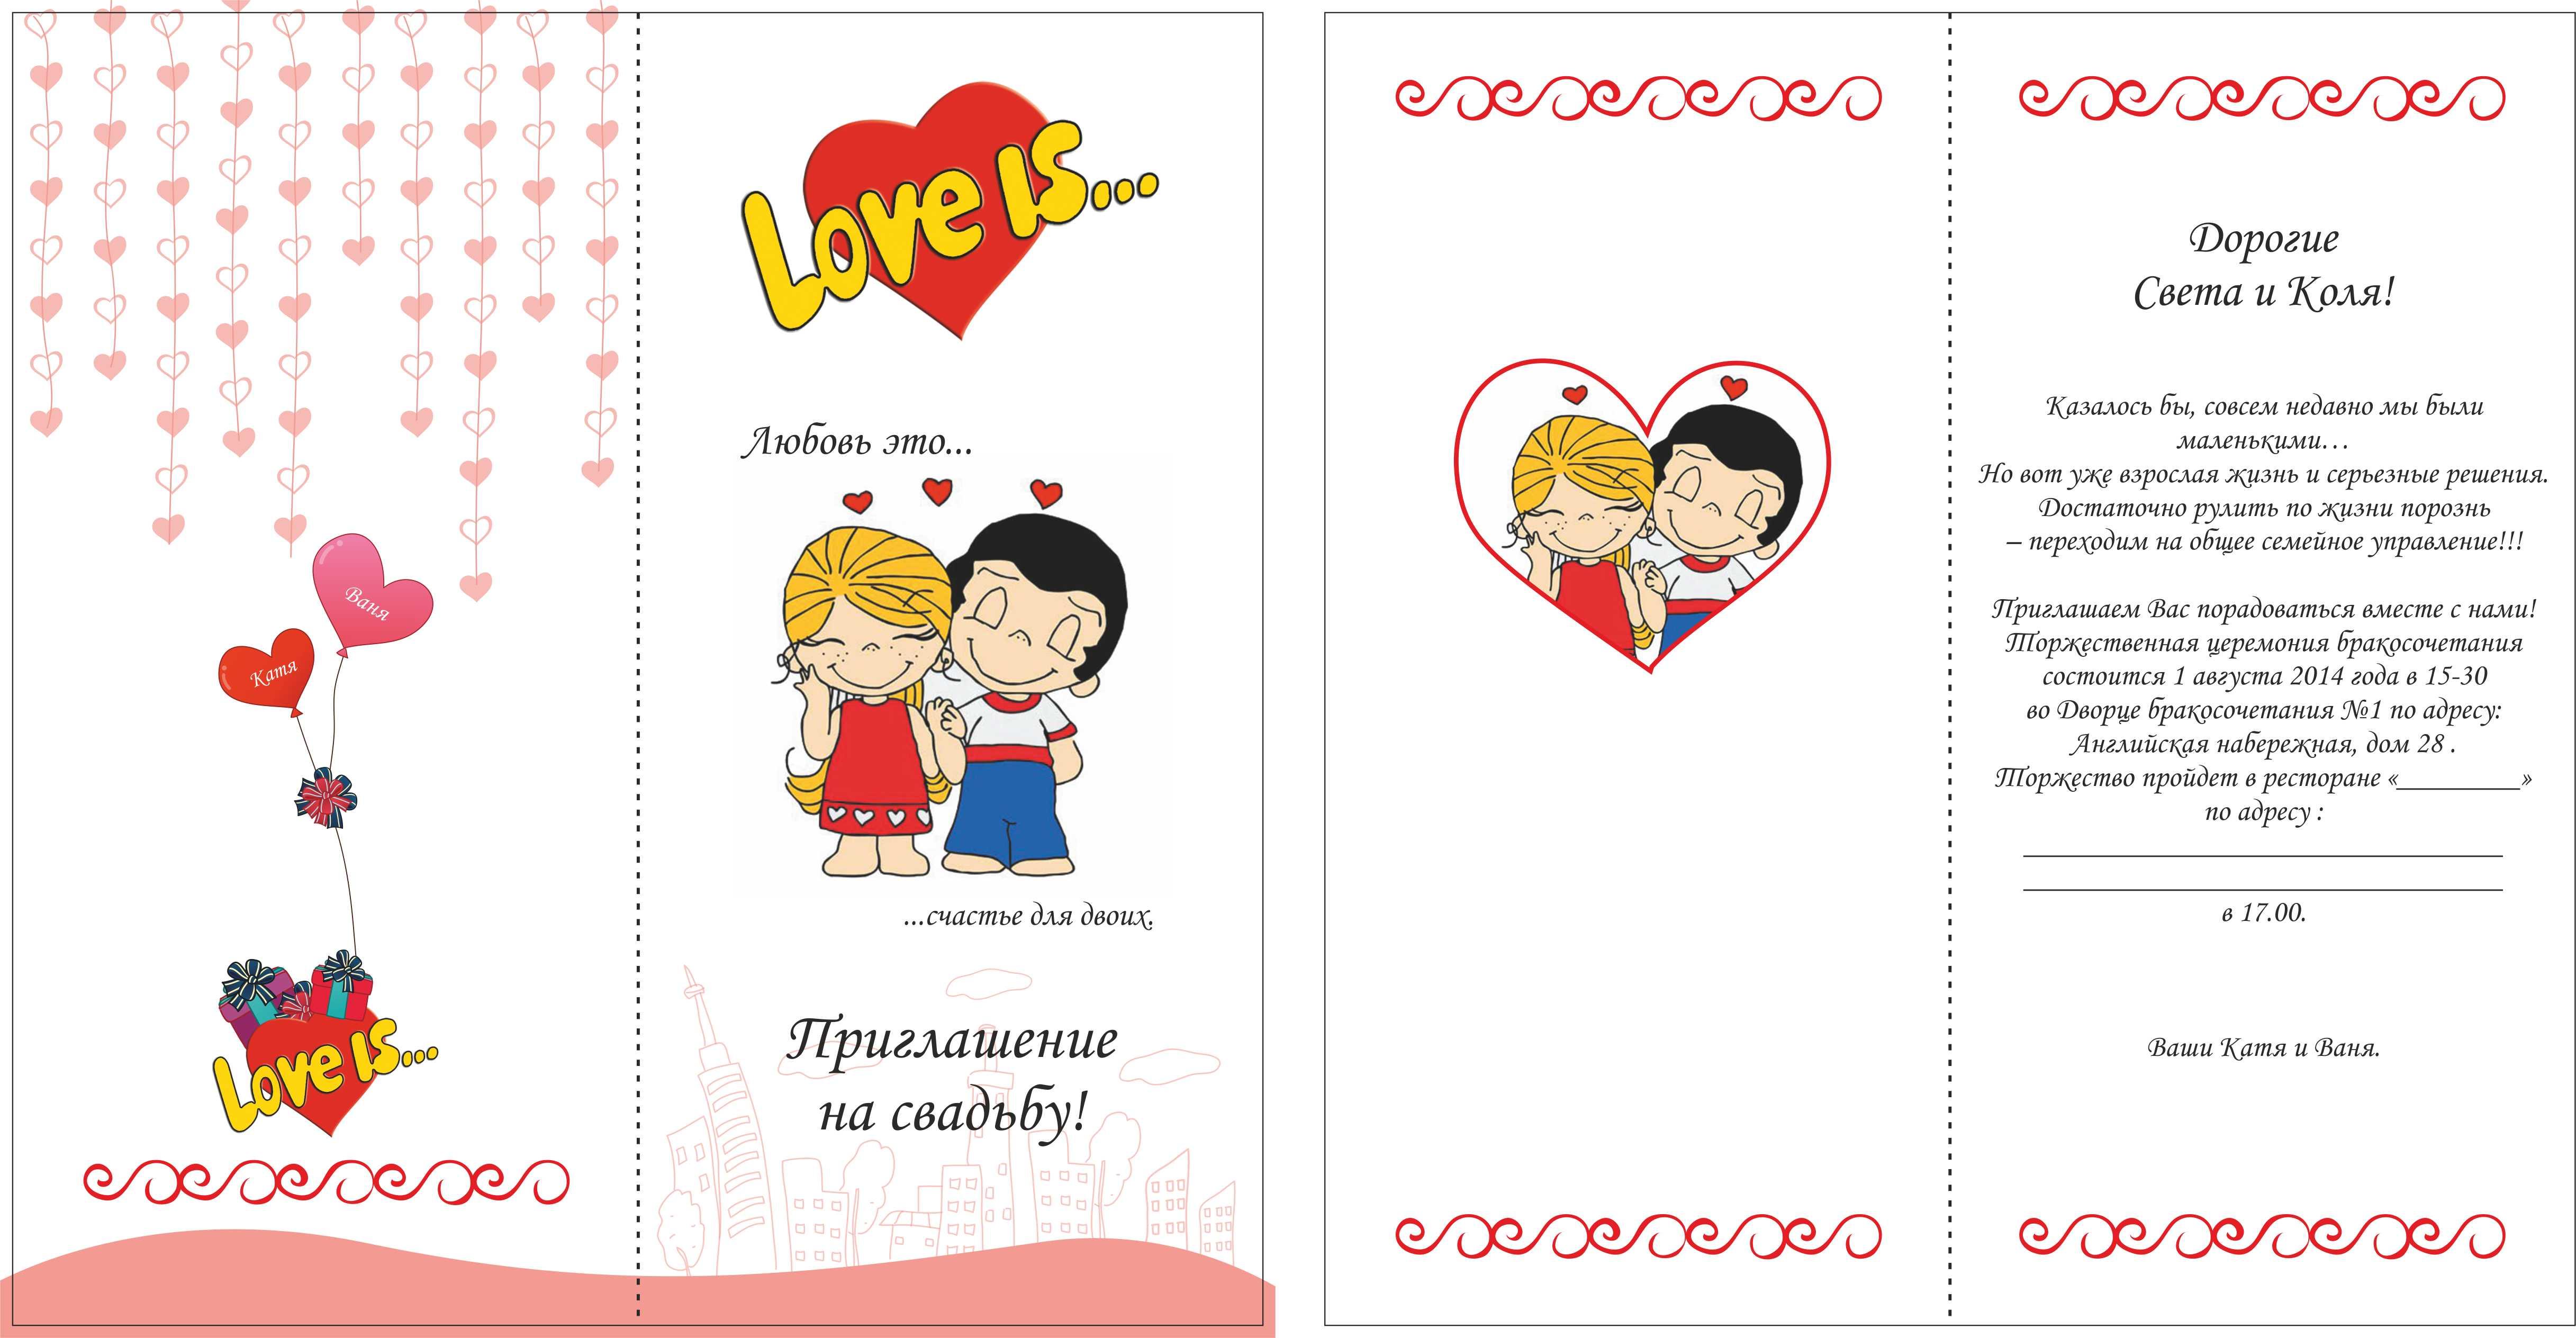 Приглашения love is на свадьбу